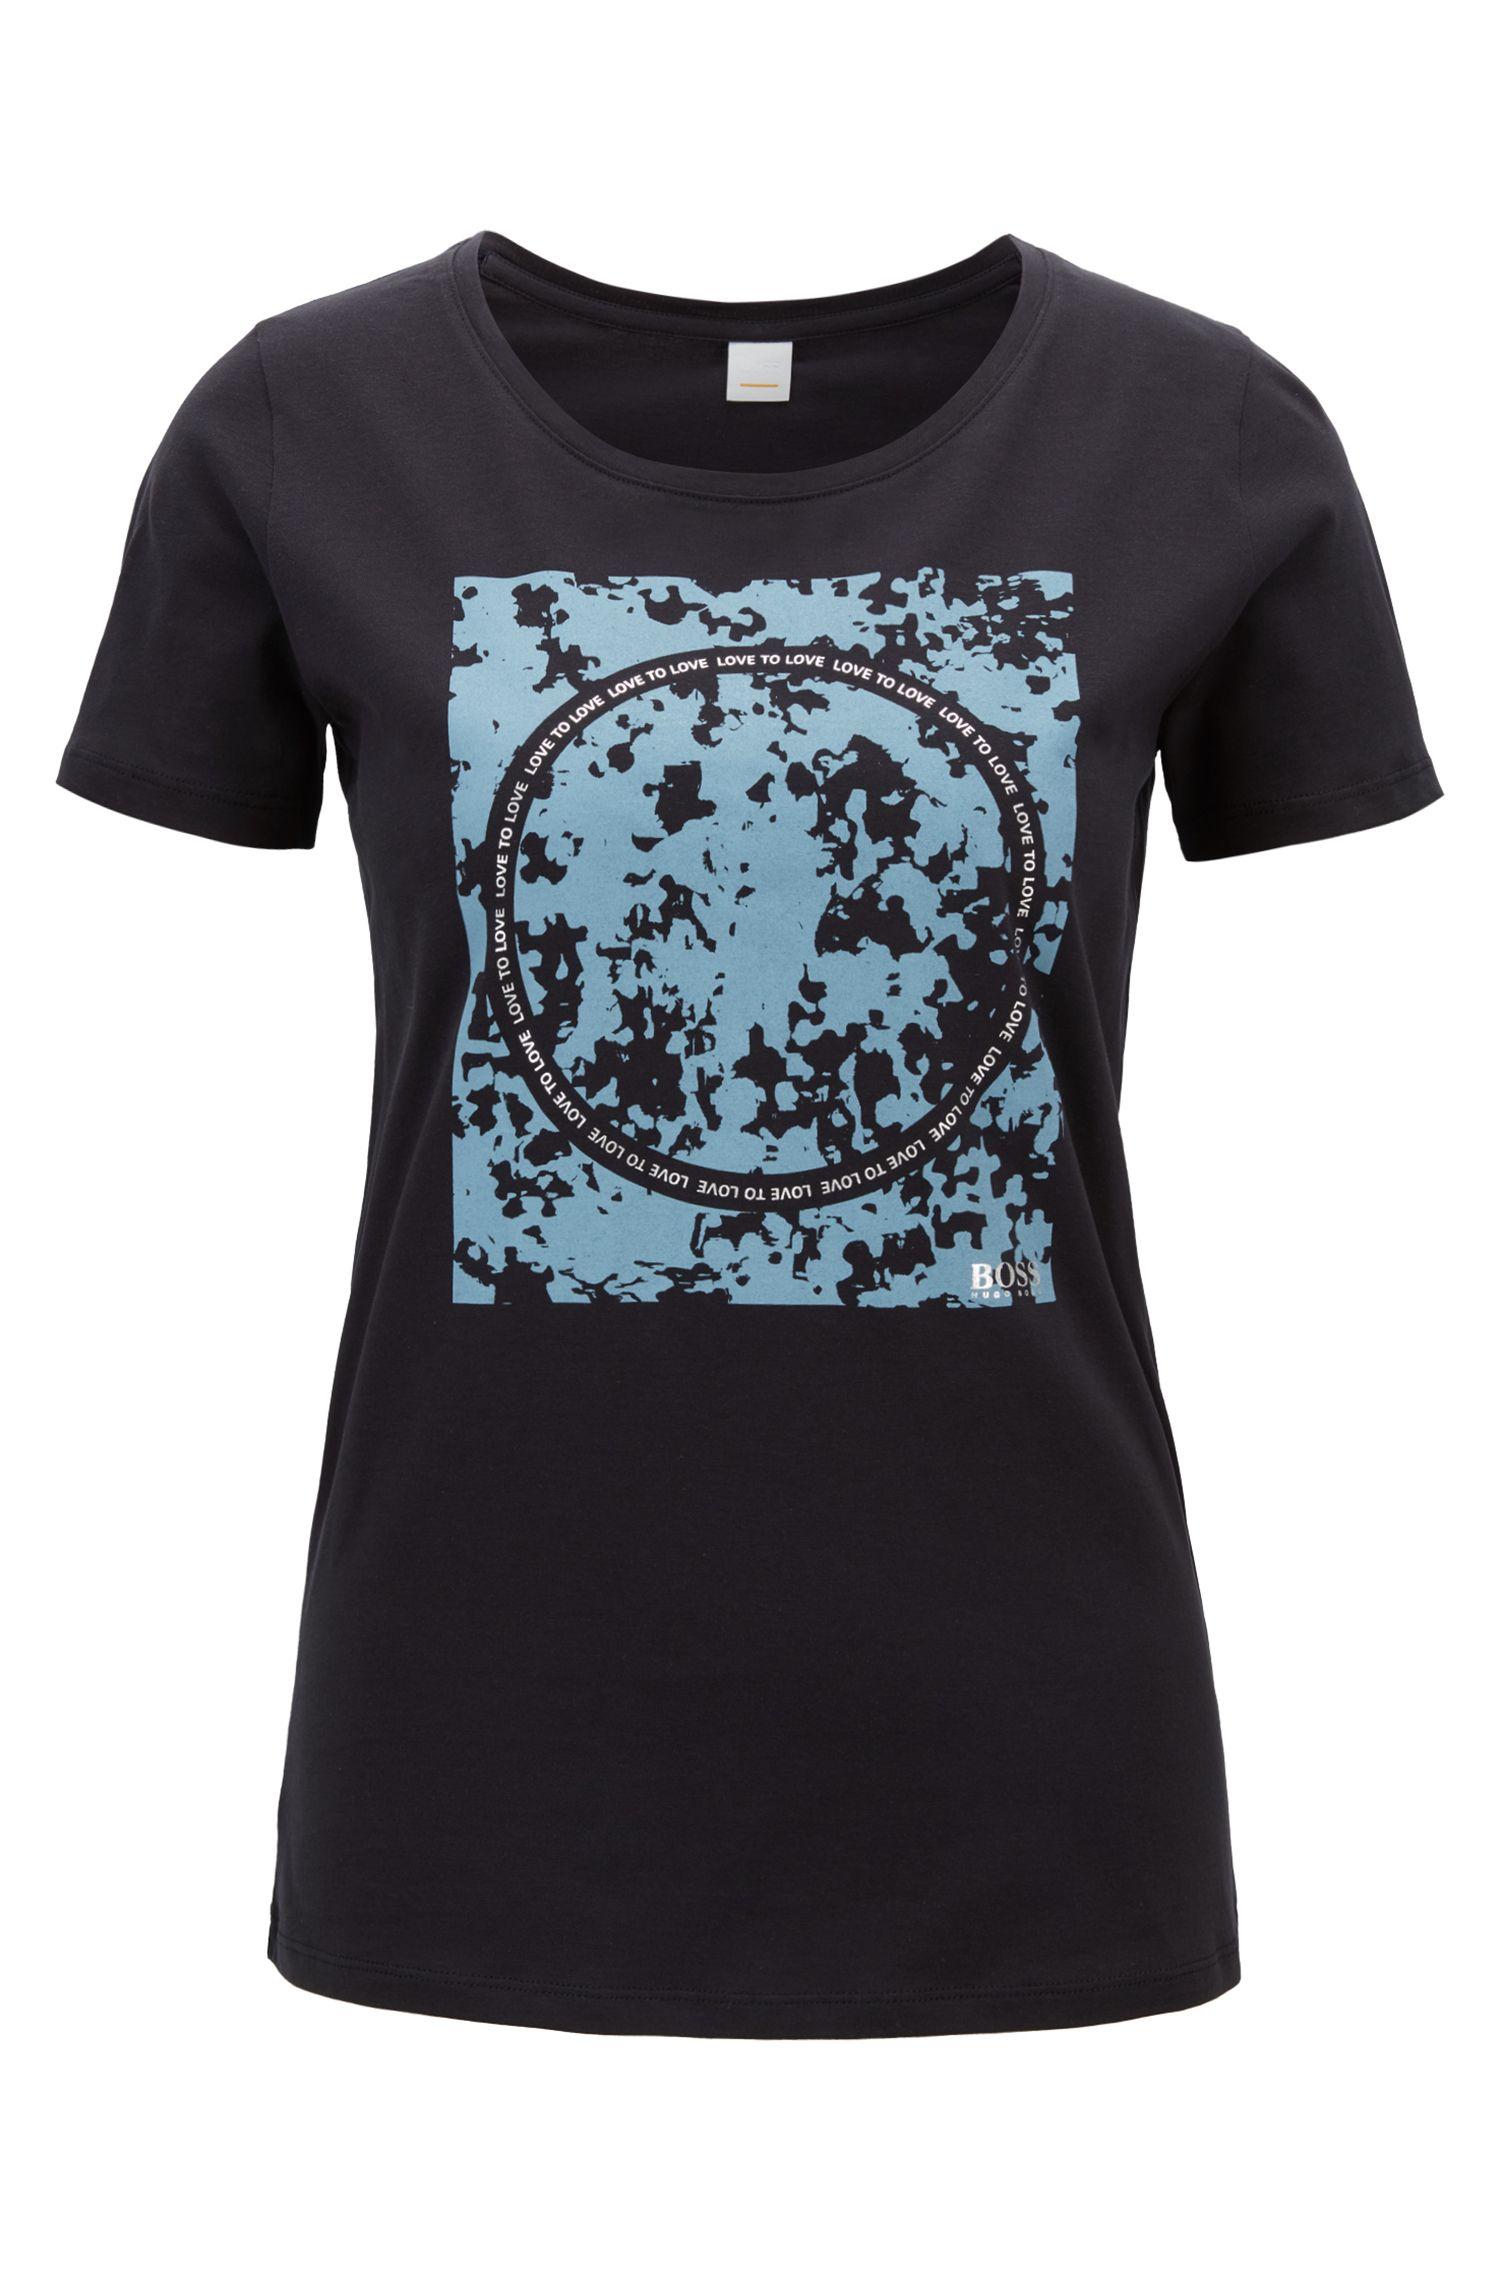 T-shirt Slim Fit en coton à motifs mélangés imprimés, Bleu foncé